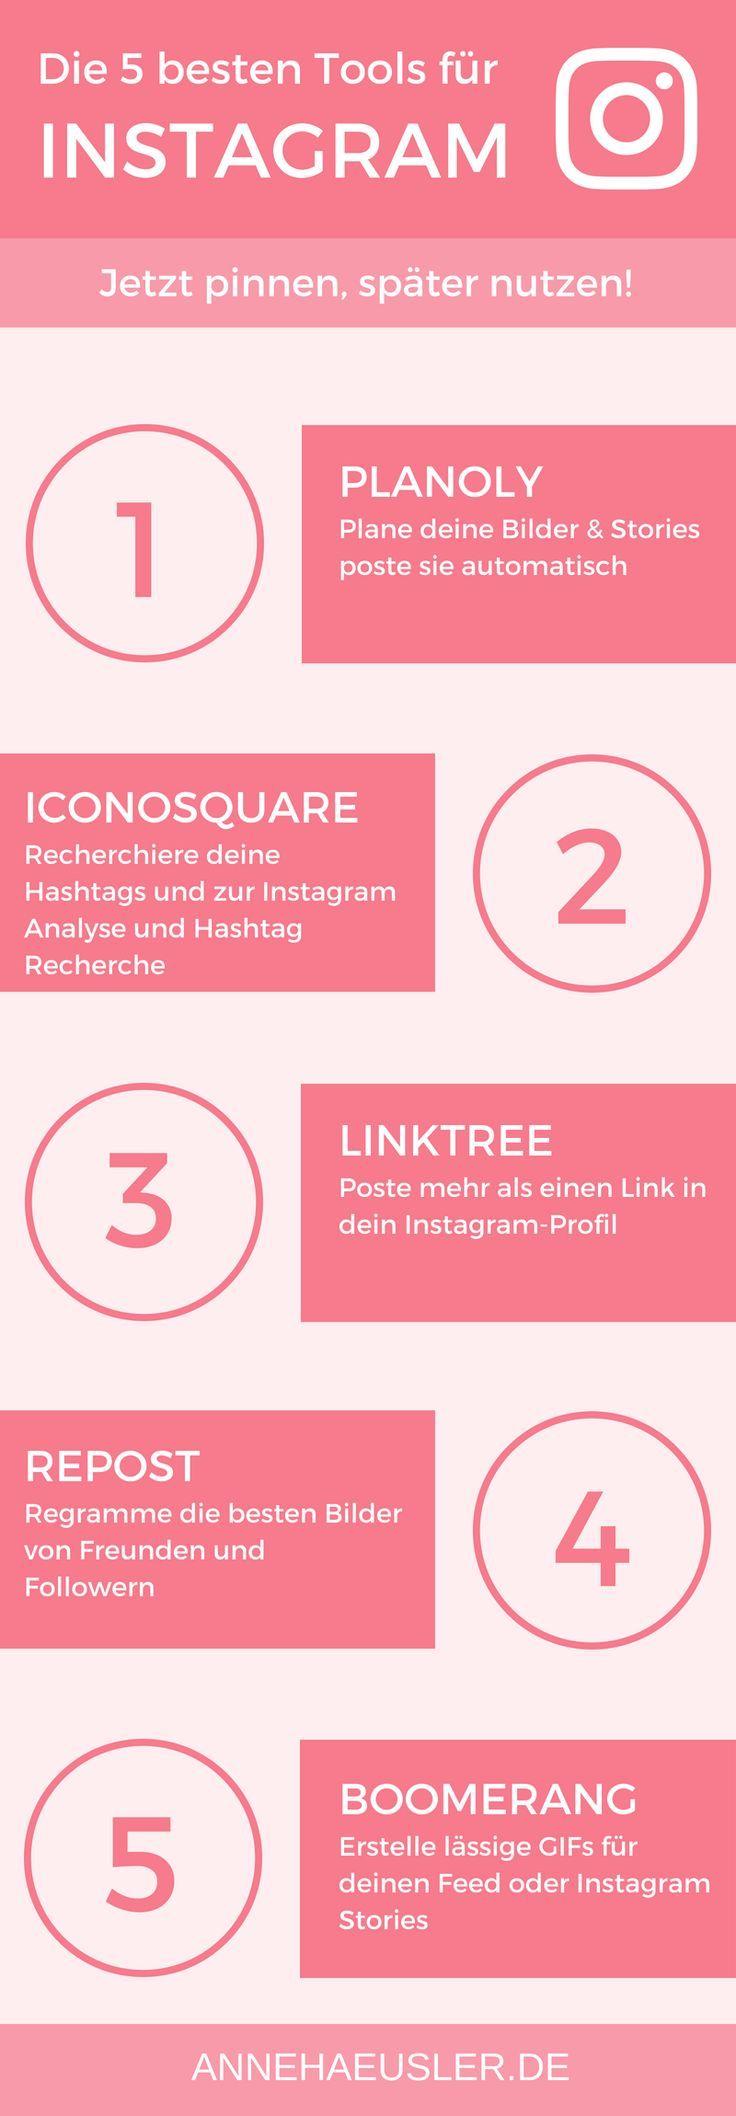 Die 37+ besten Online-Marketing und Blogging Tools ⋆ Anne Häusler